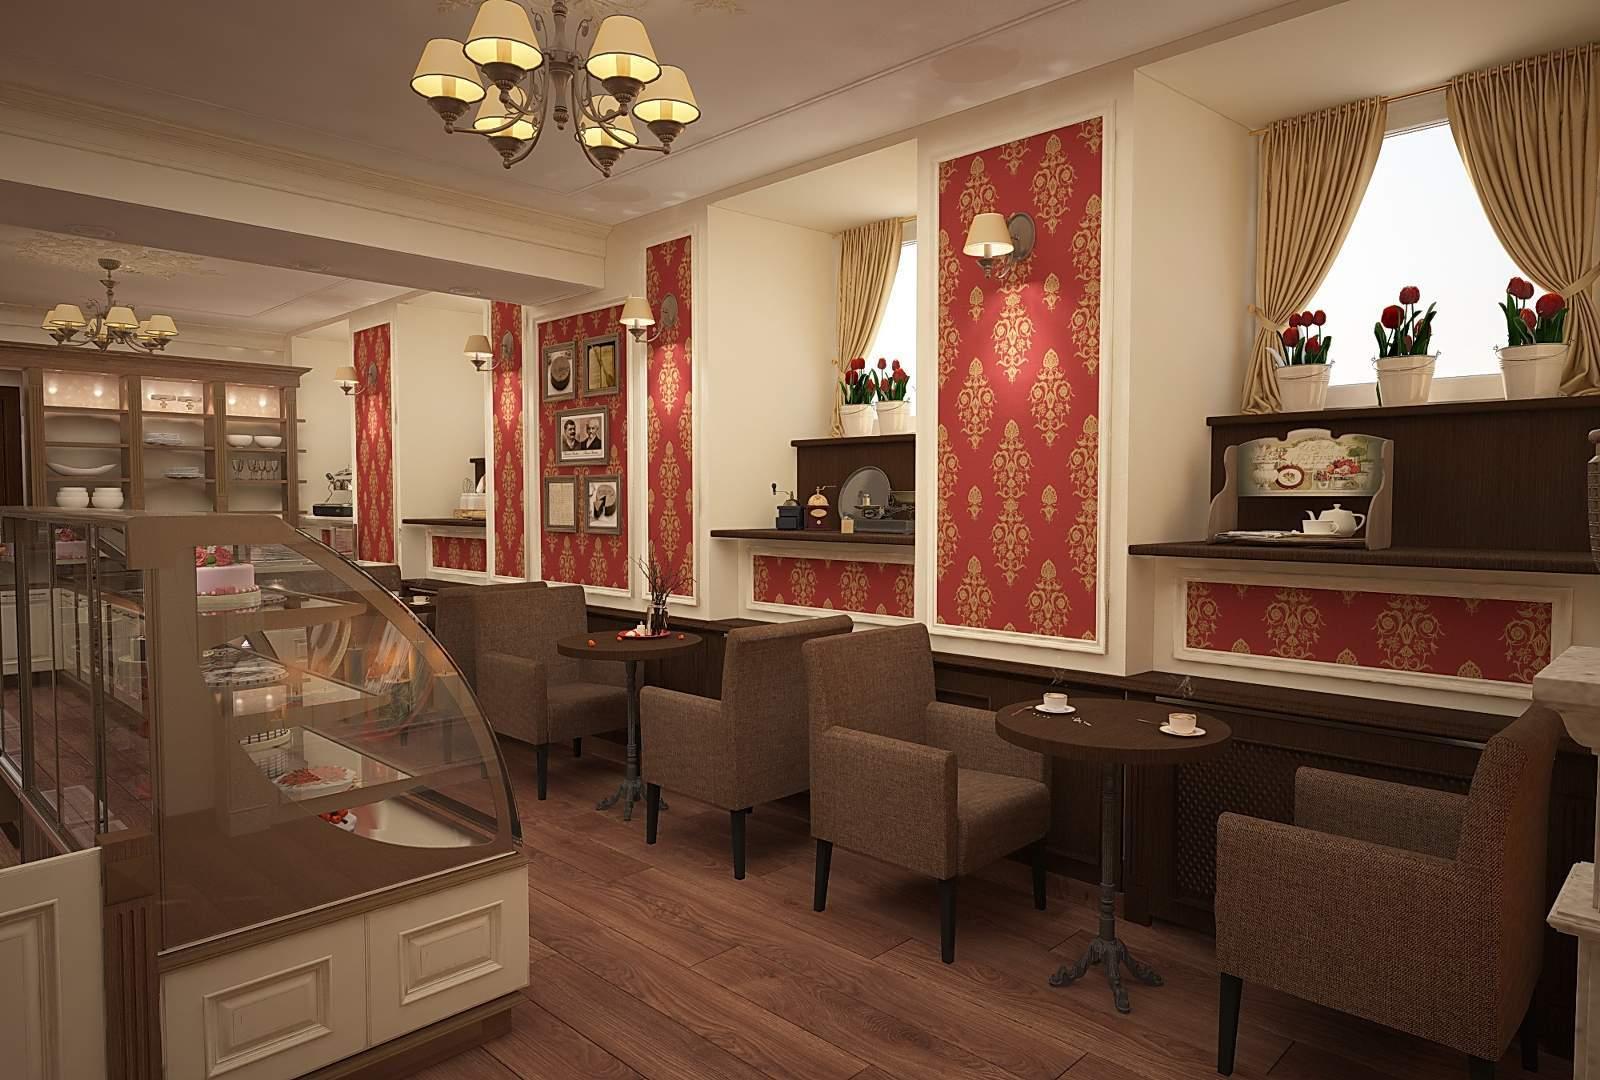 Franz_Sacher_caffe_interior_1_1600x1080_1600x1080